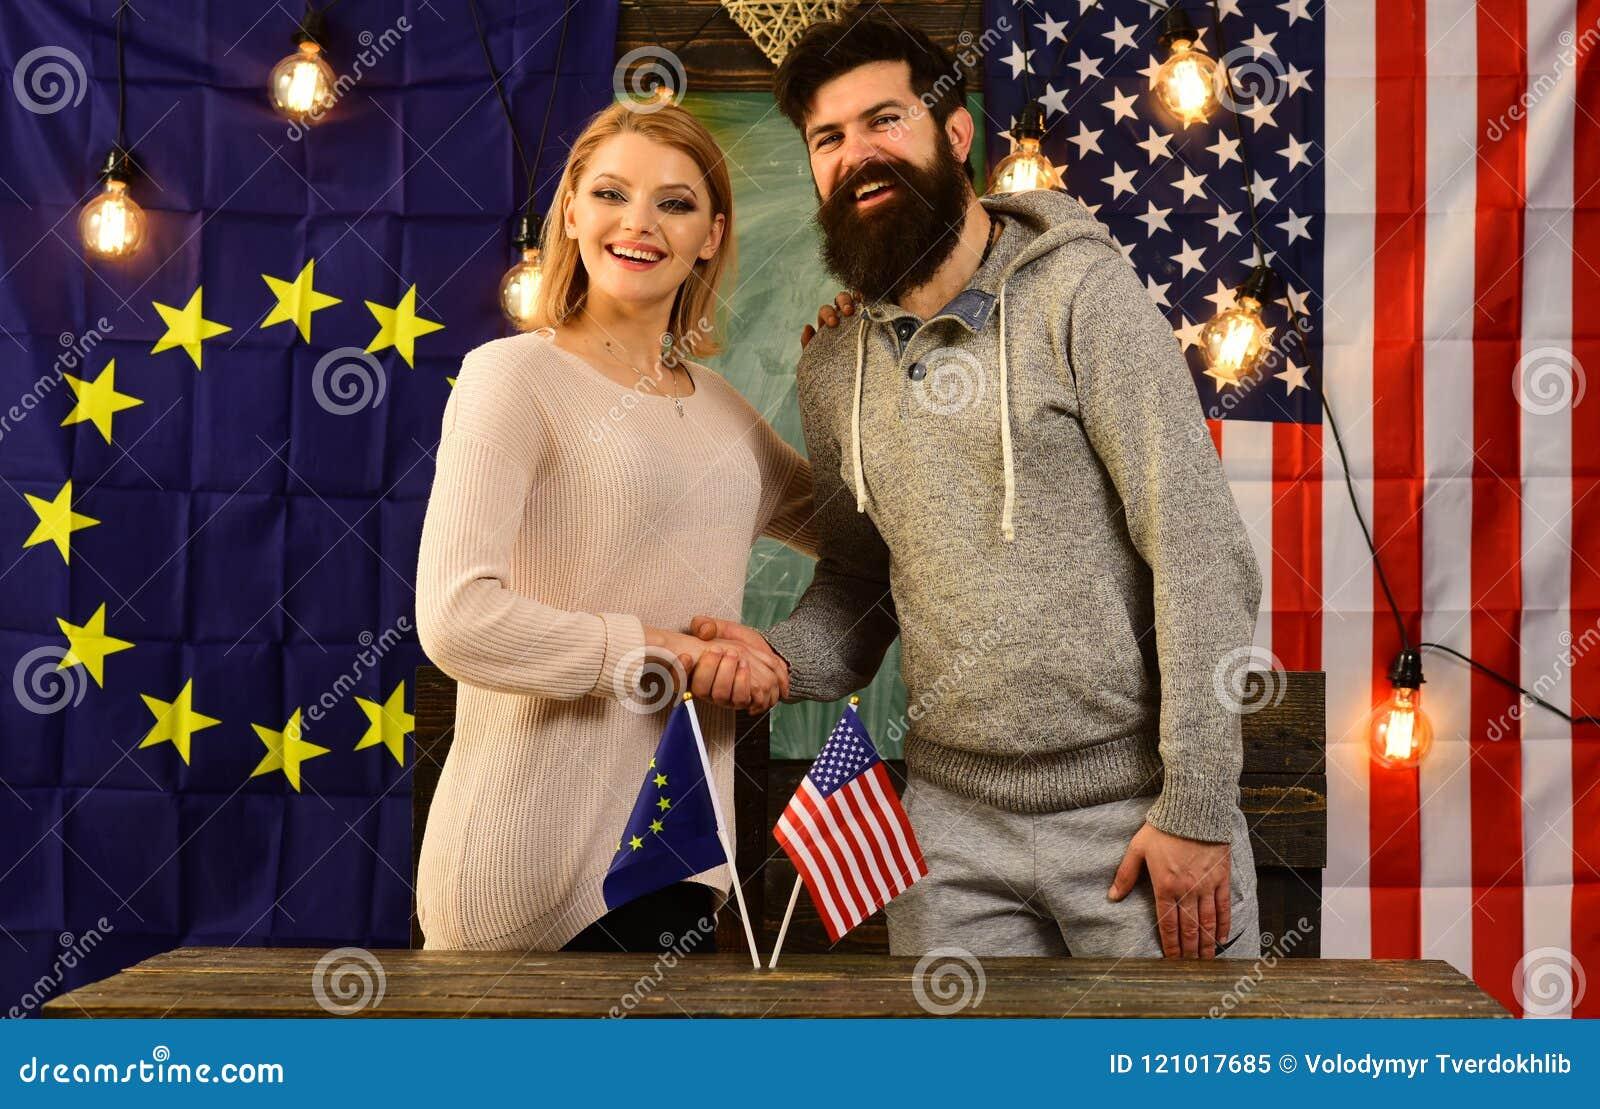 Συνεργασία μεταξύ των σημαιών της Ευρωπαϊκής Ένωσης και των ΗΠΑ Πολιτική έννοια σχέσης